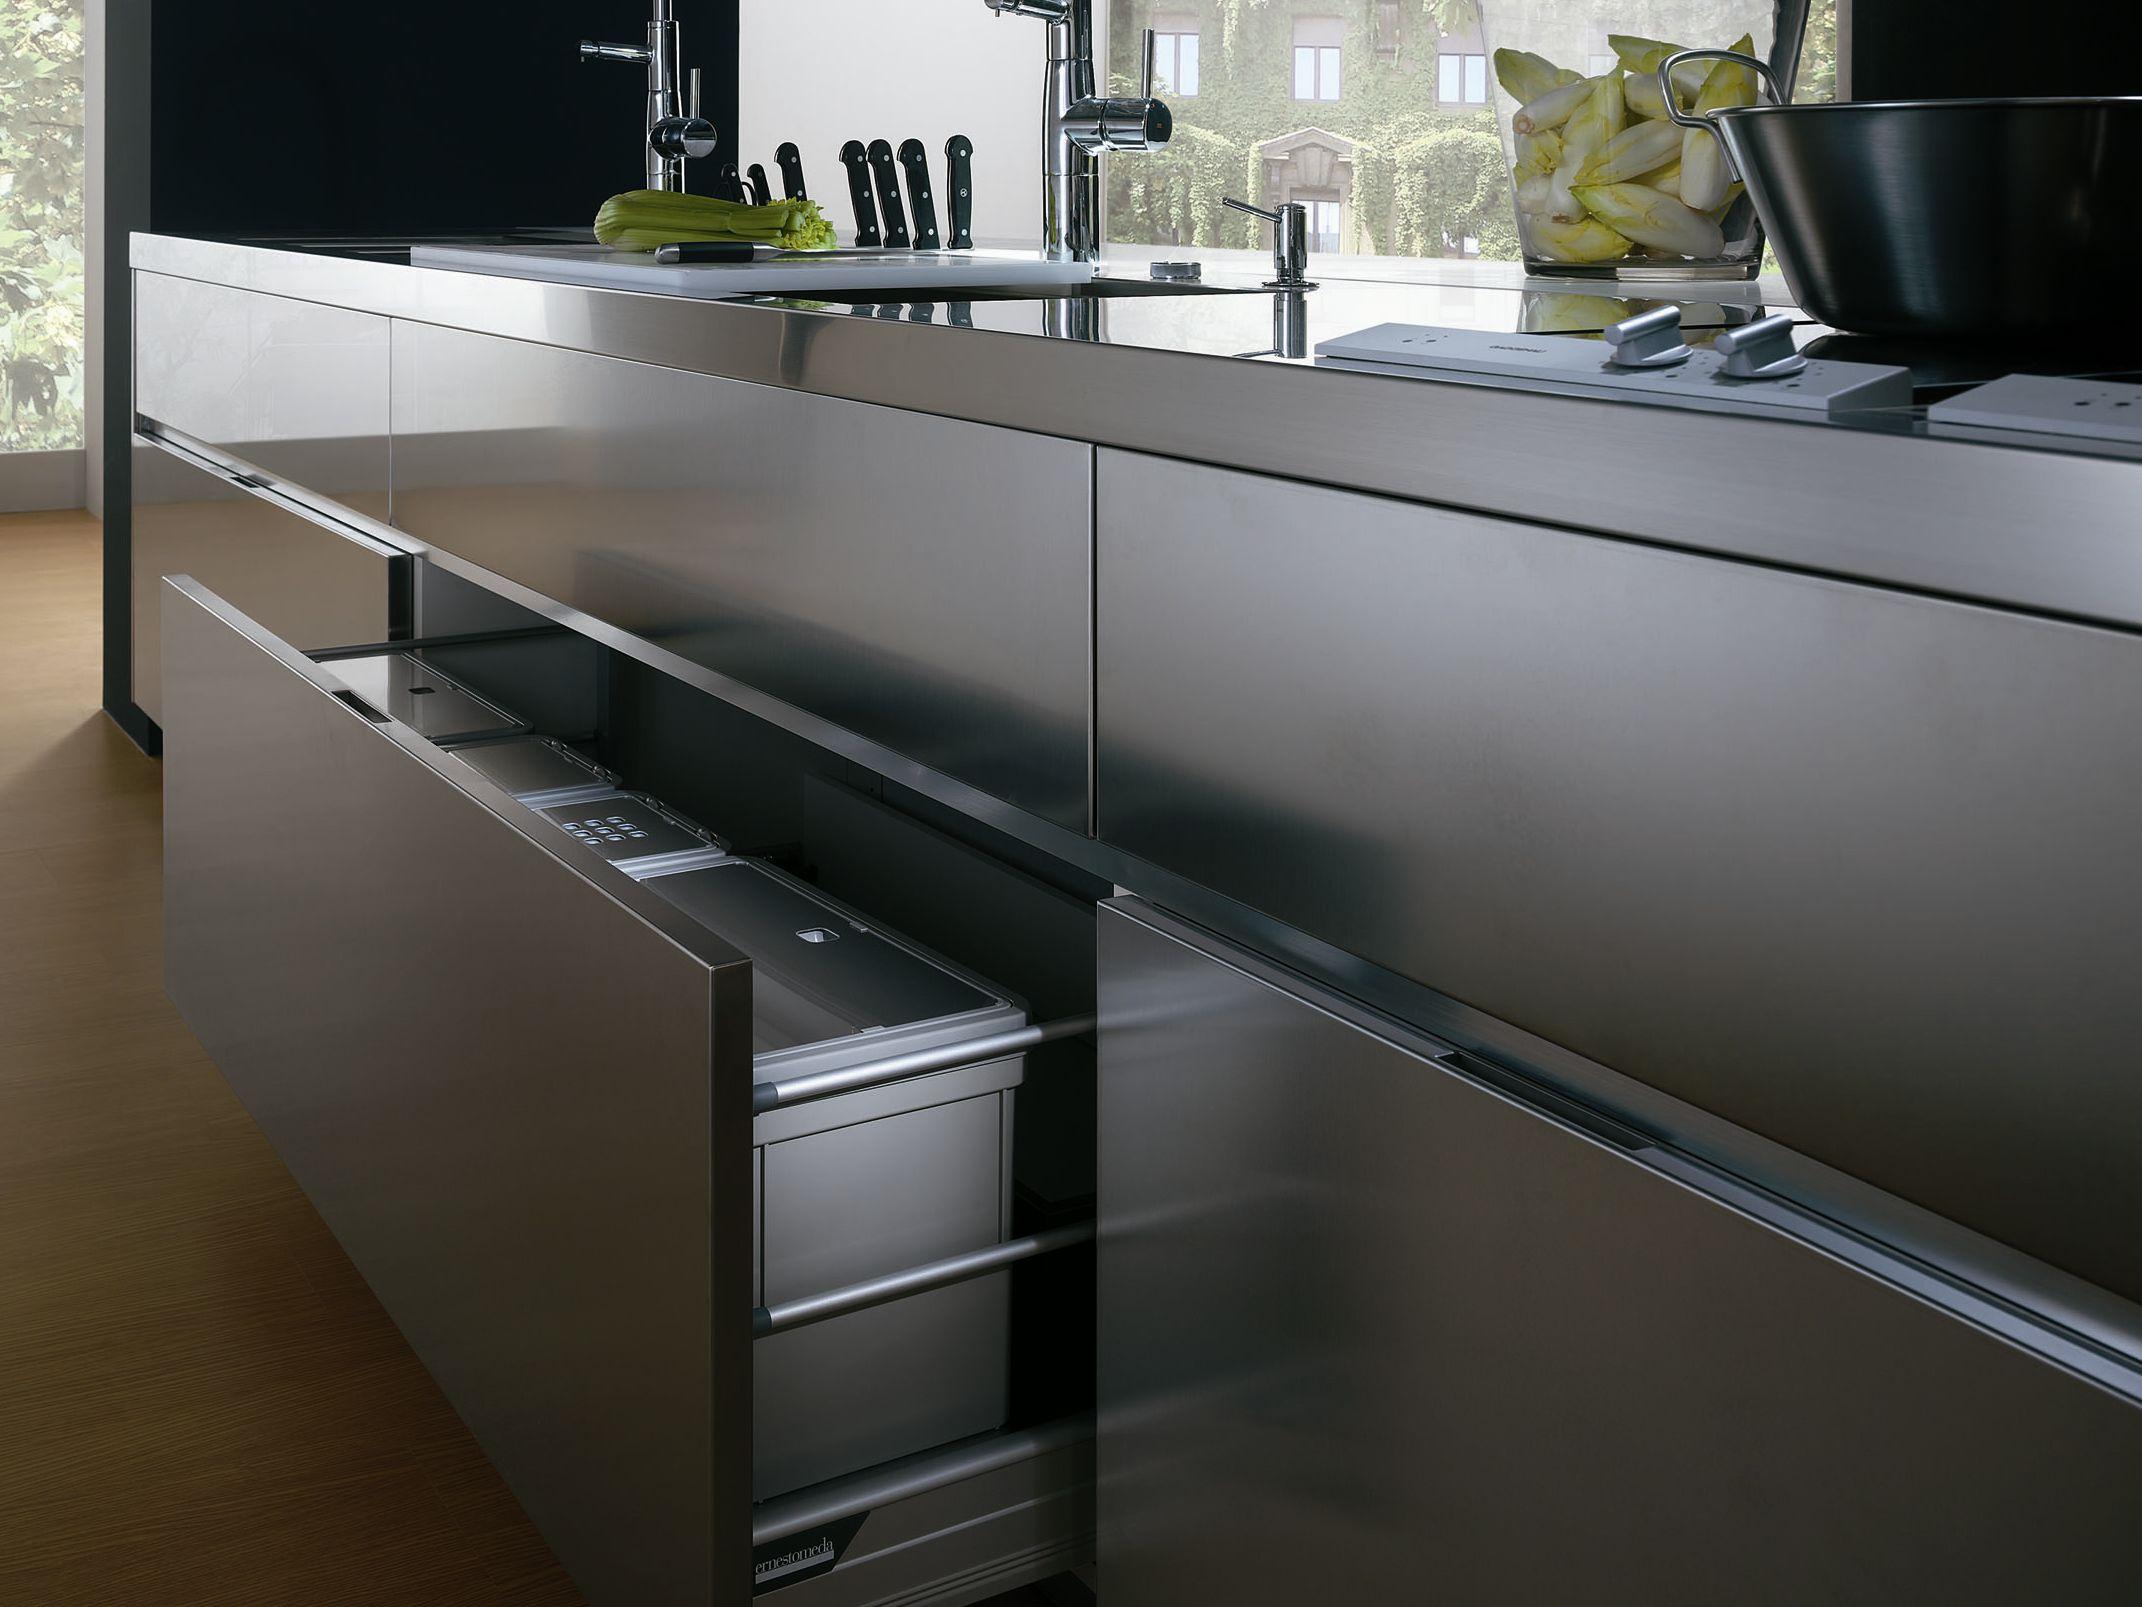 Wunderbar Stahl Küchenmöbel Galerie - Küchenschrank Ideen ...